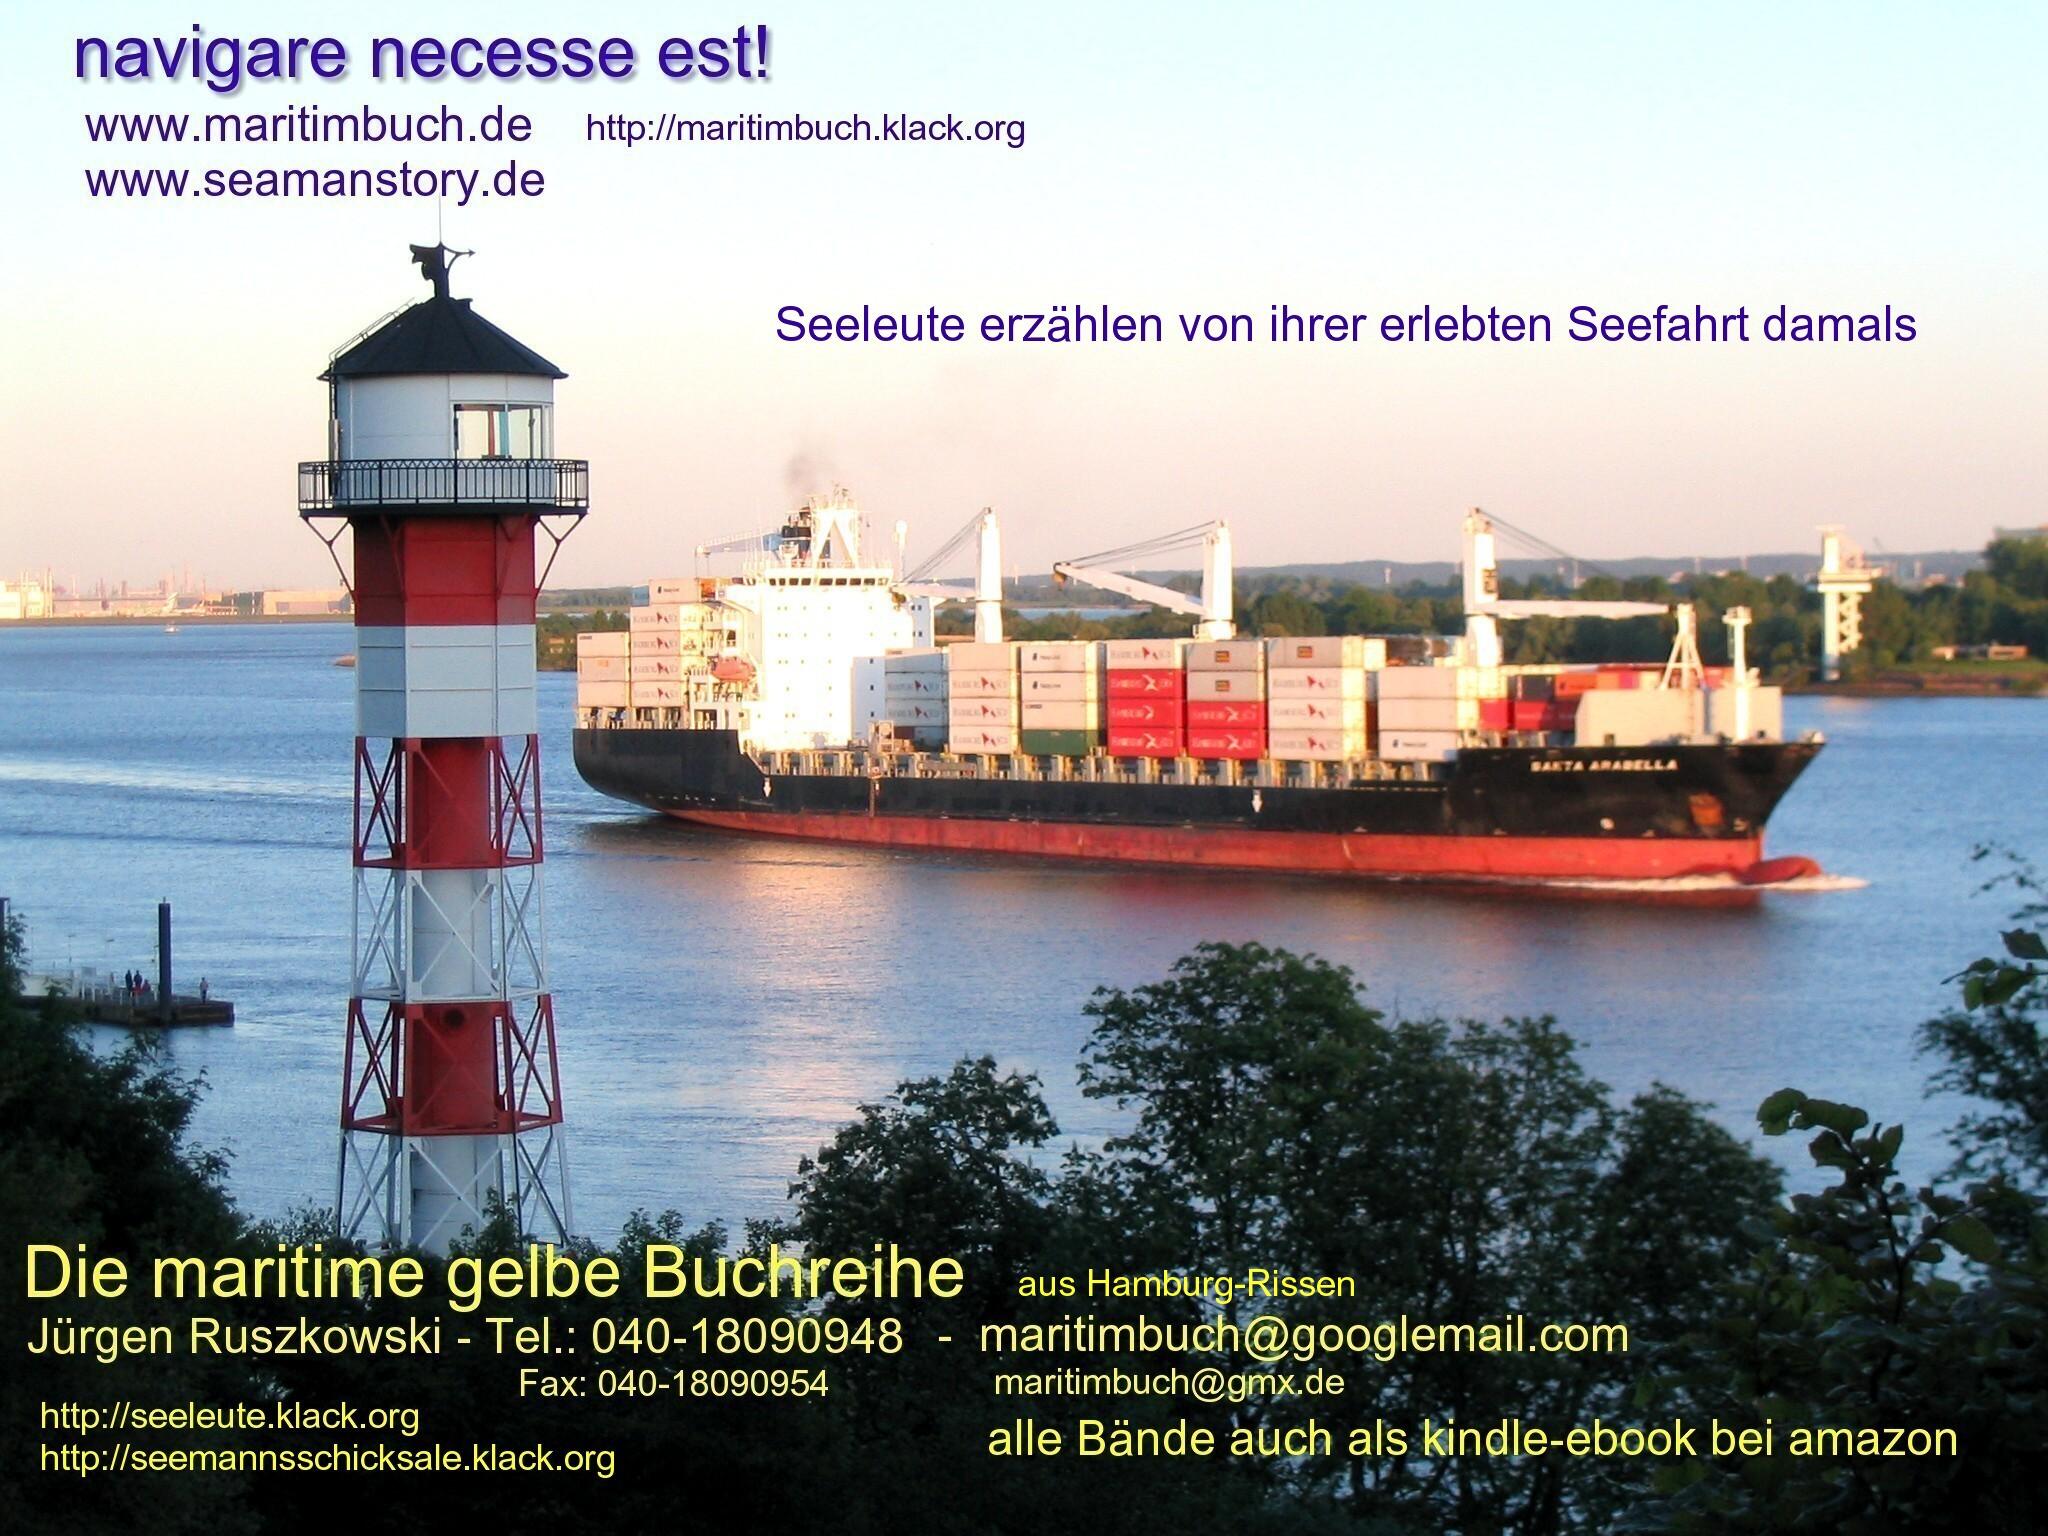 rissenleuchtturmschiffsantaarabellabuchwerbung.jpg